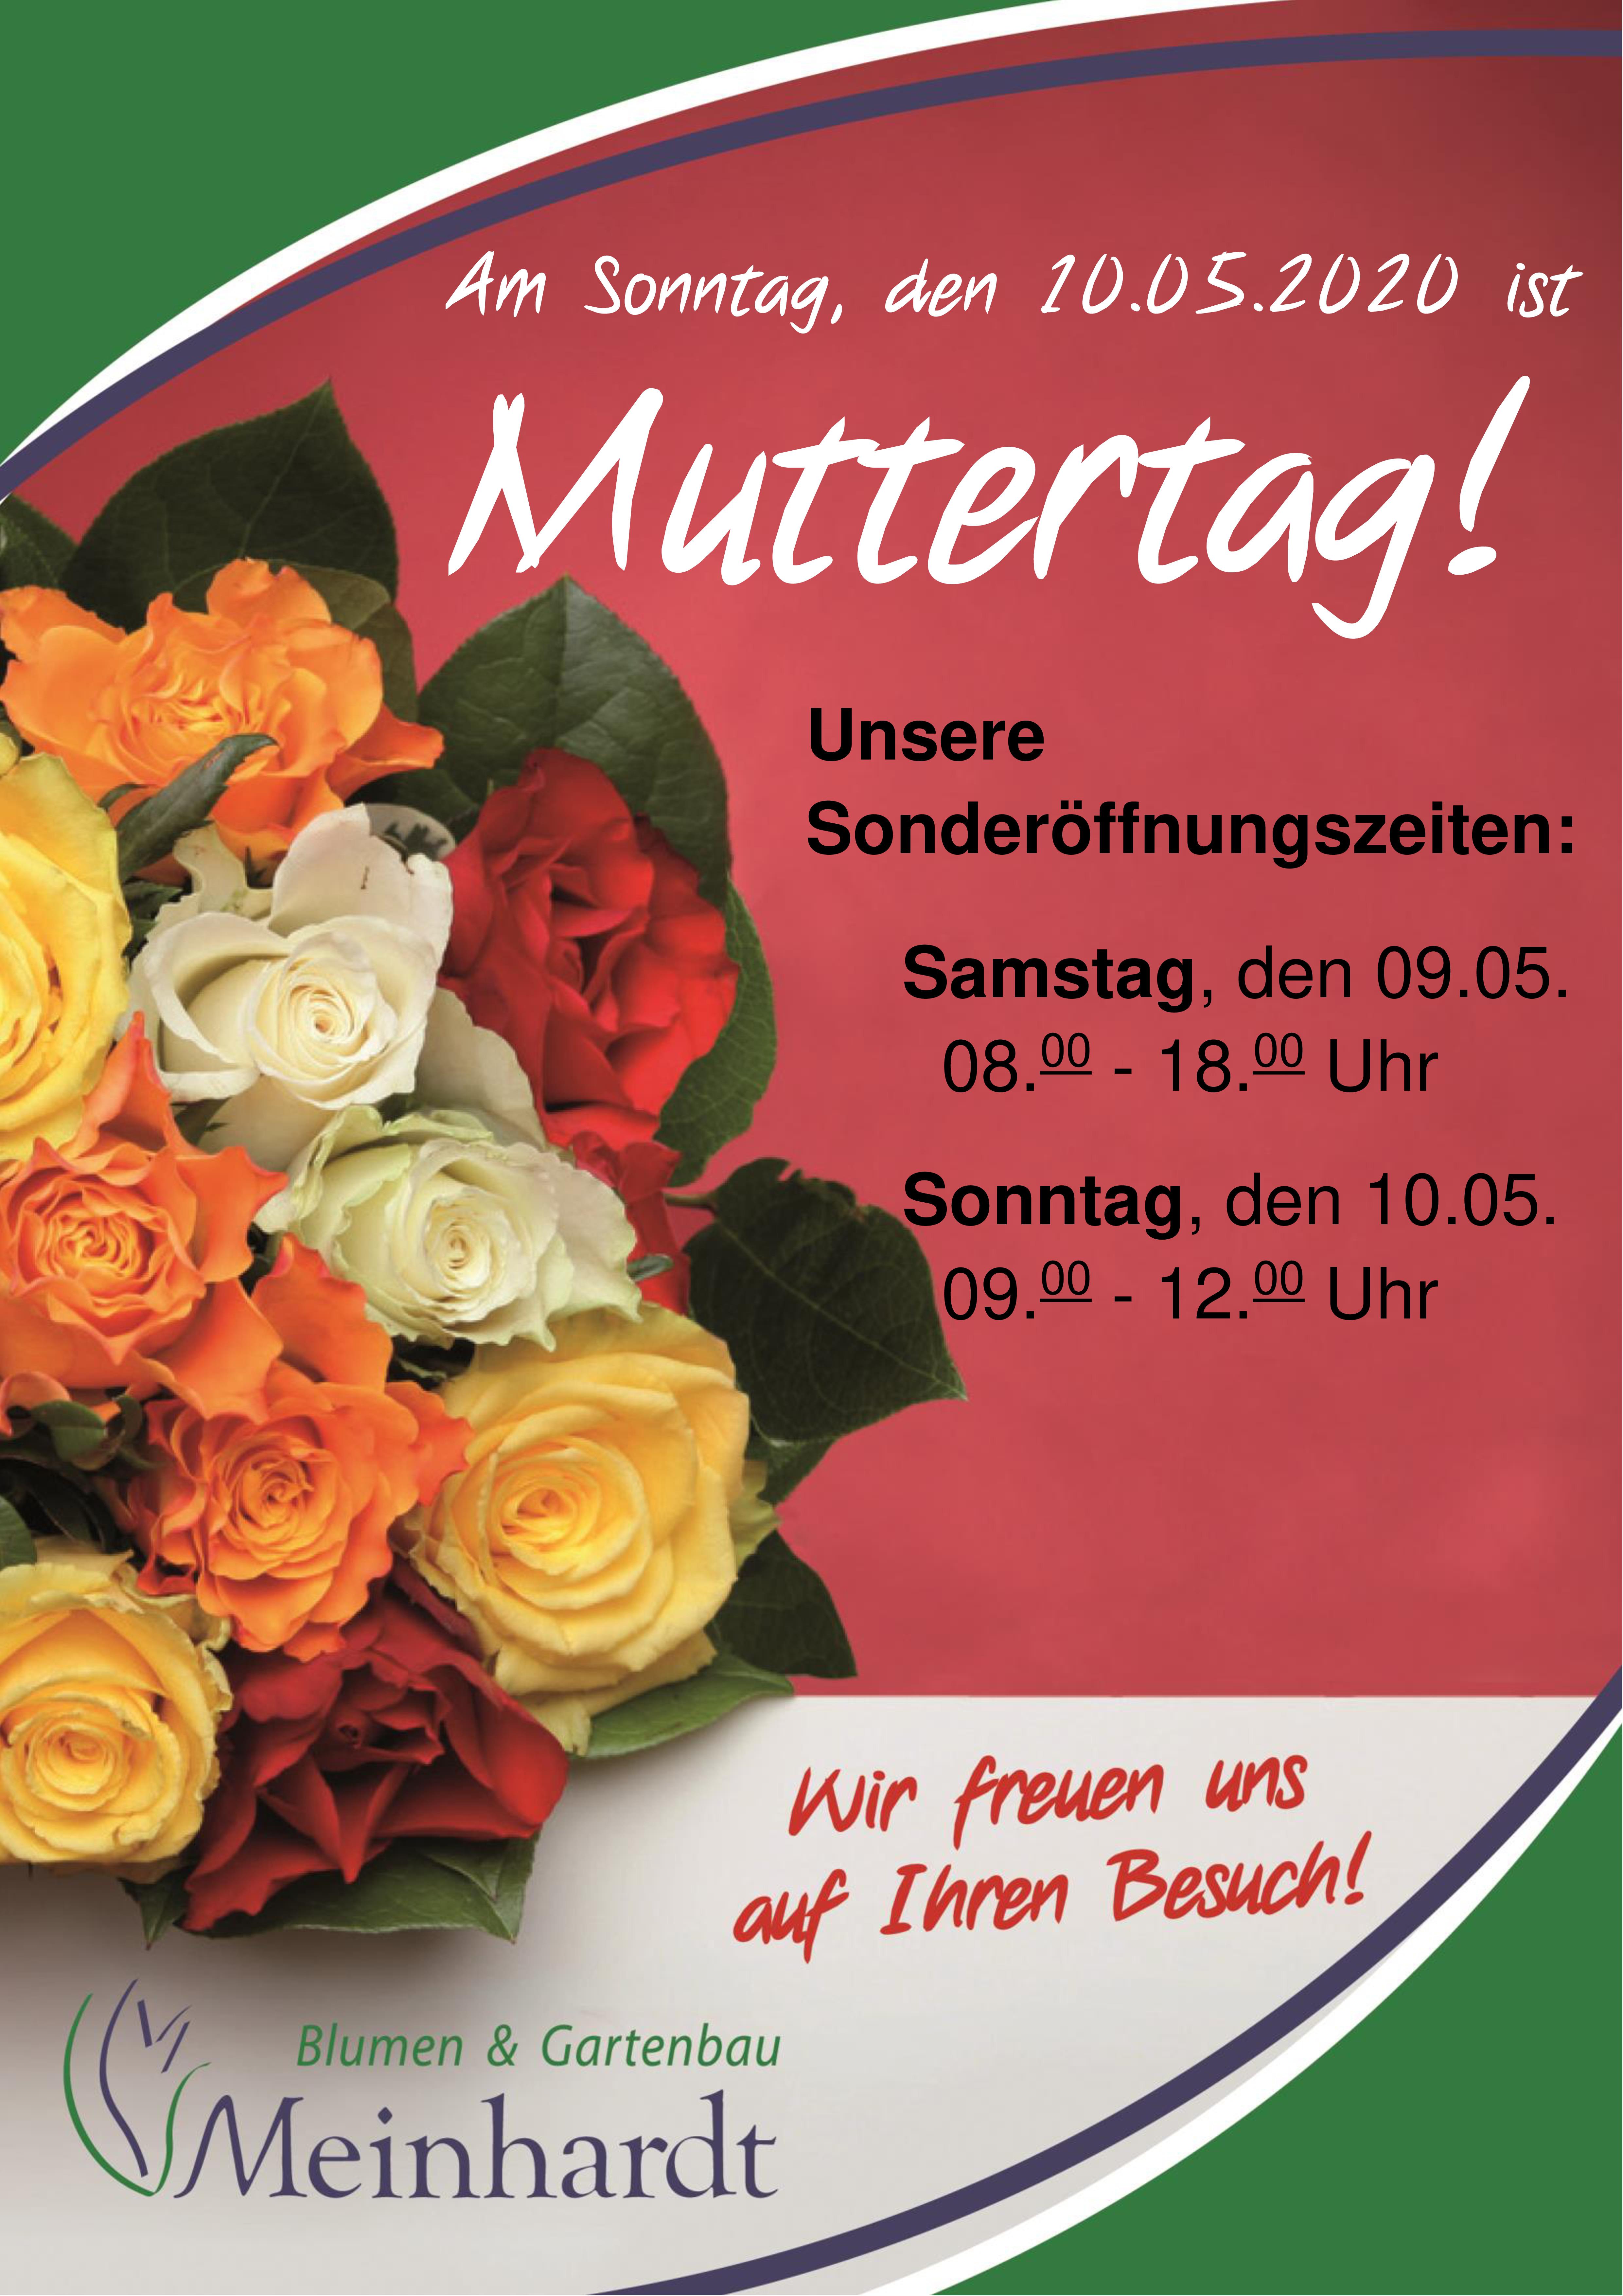 Blumenmeinhardt.de | Muster_Muttertag-20201 Start